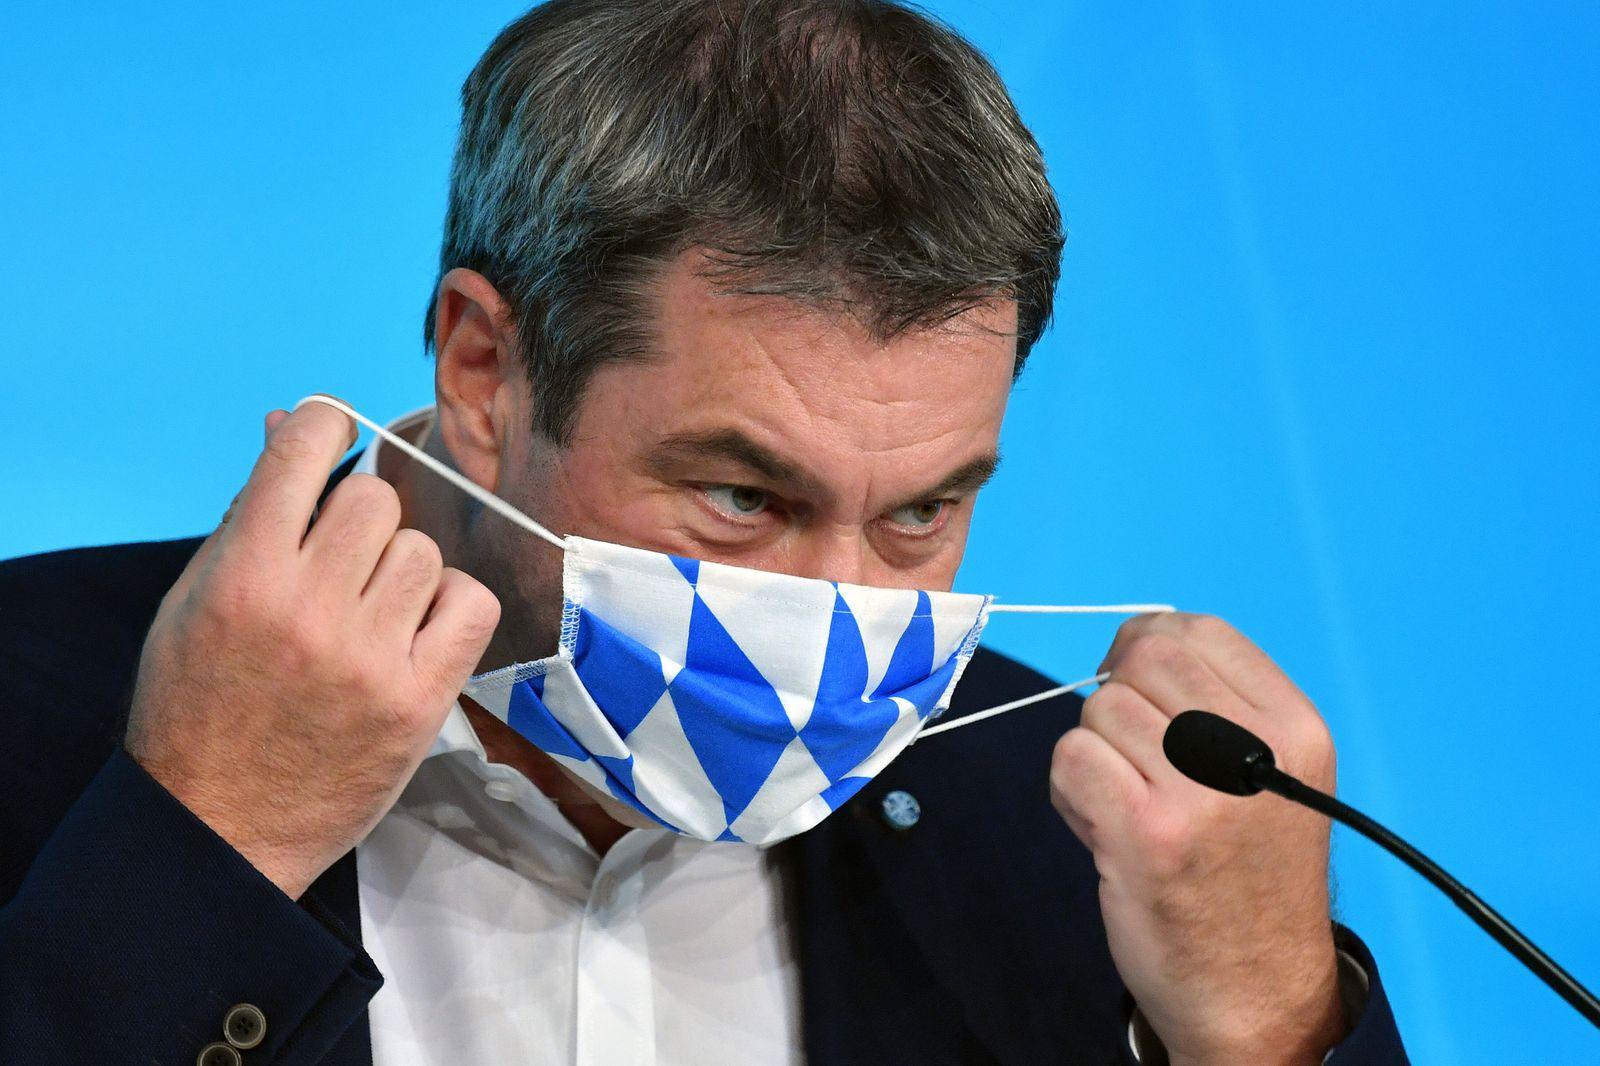 Markus SOEDER (Ministerpraesident Bayern und CSU Vorsitzender) mit Mundschutz,Maske. Einzelbild,angeschnittenes Einzelmo